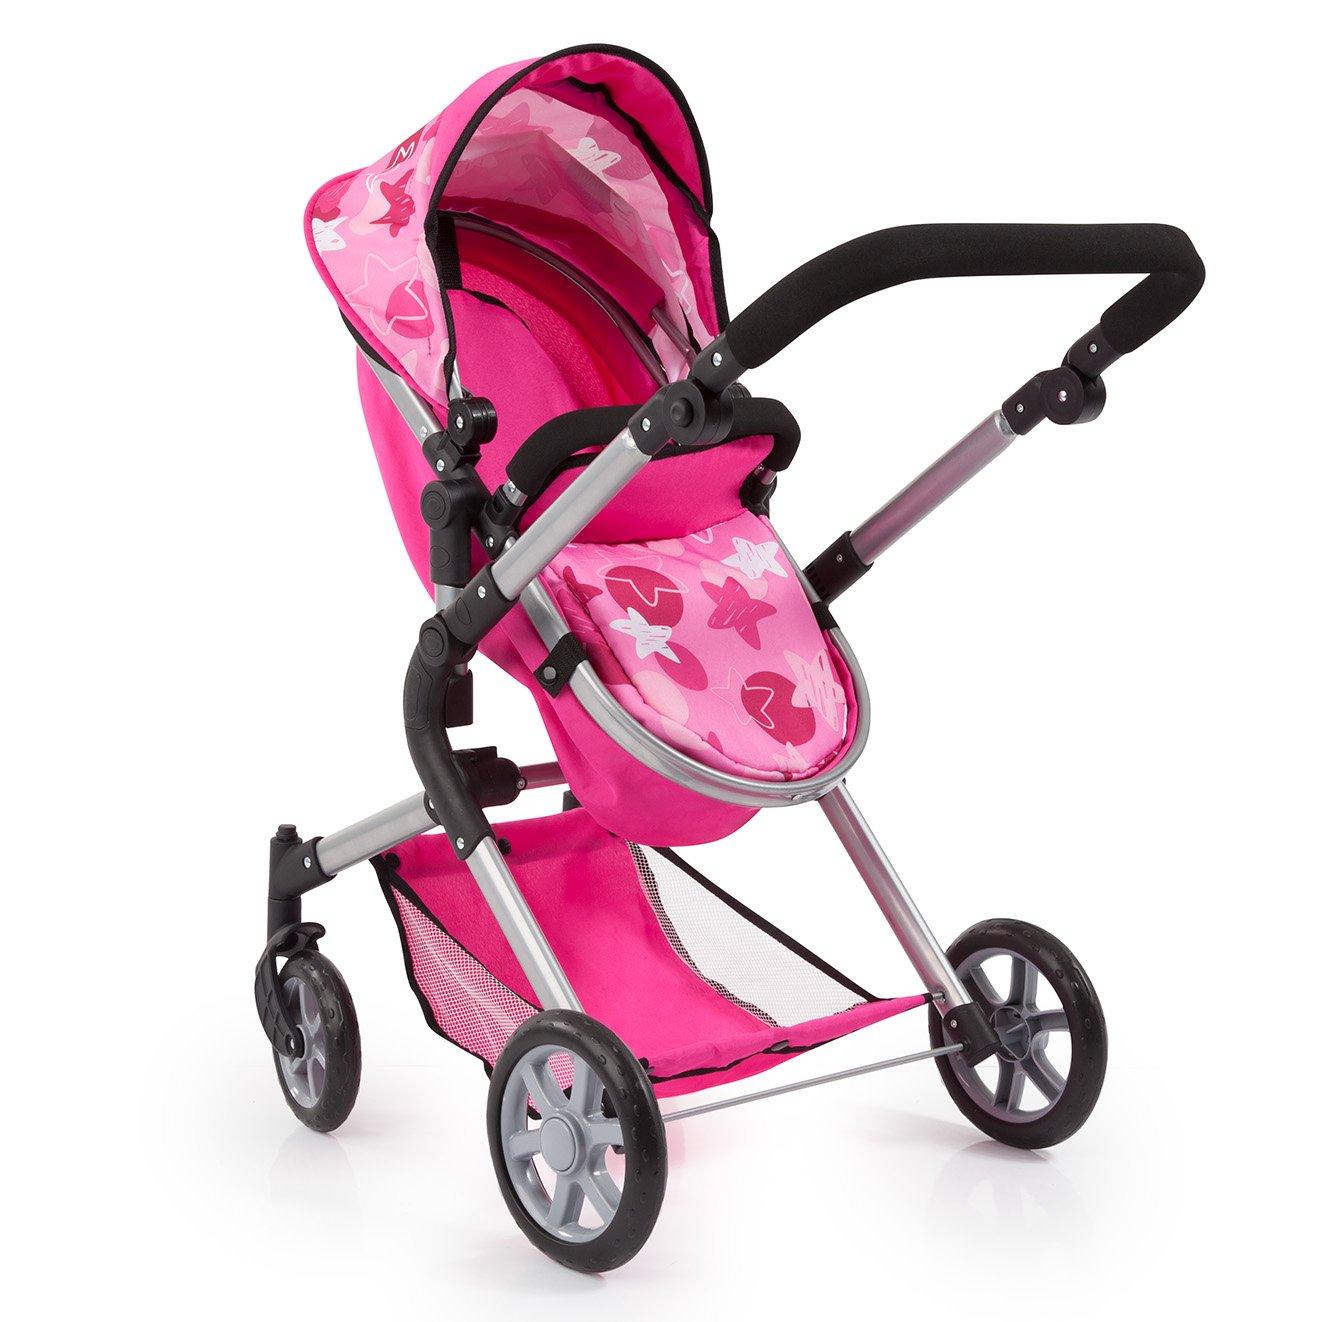 Amazon.es: Bayer Design 18149 AA Carrito para muñecas Neo Star con Bolso Cambiador y Cesta de la Compra Debajo Convertable para Carrito de bebé, ...